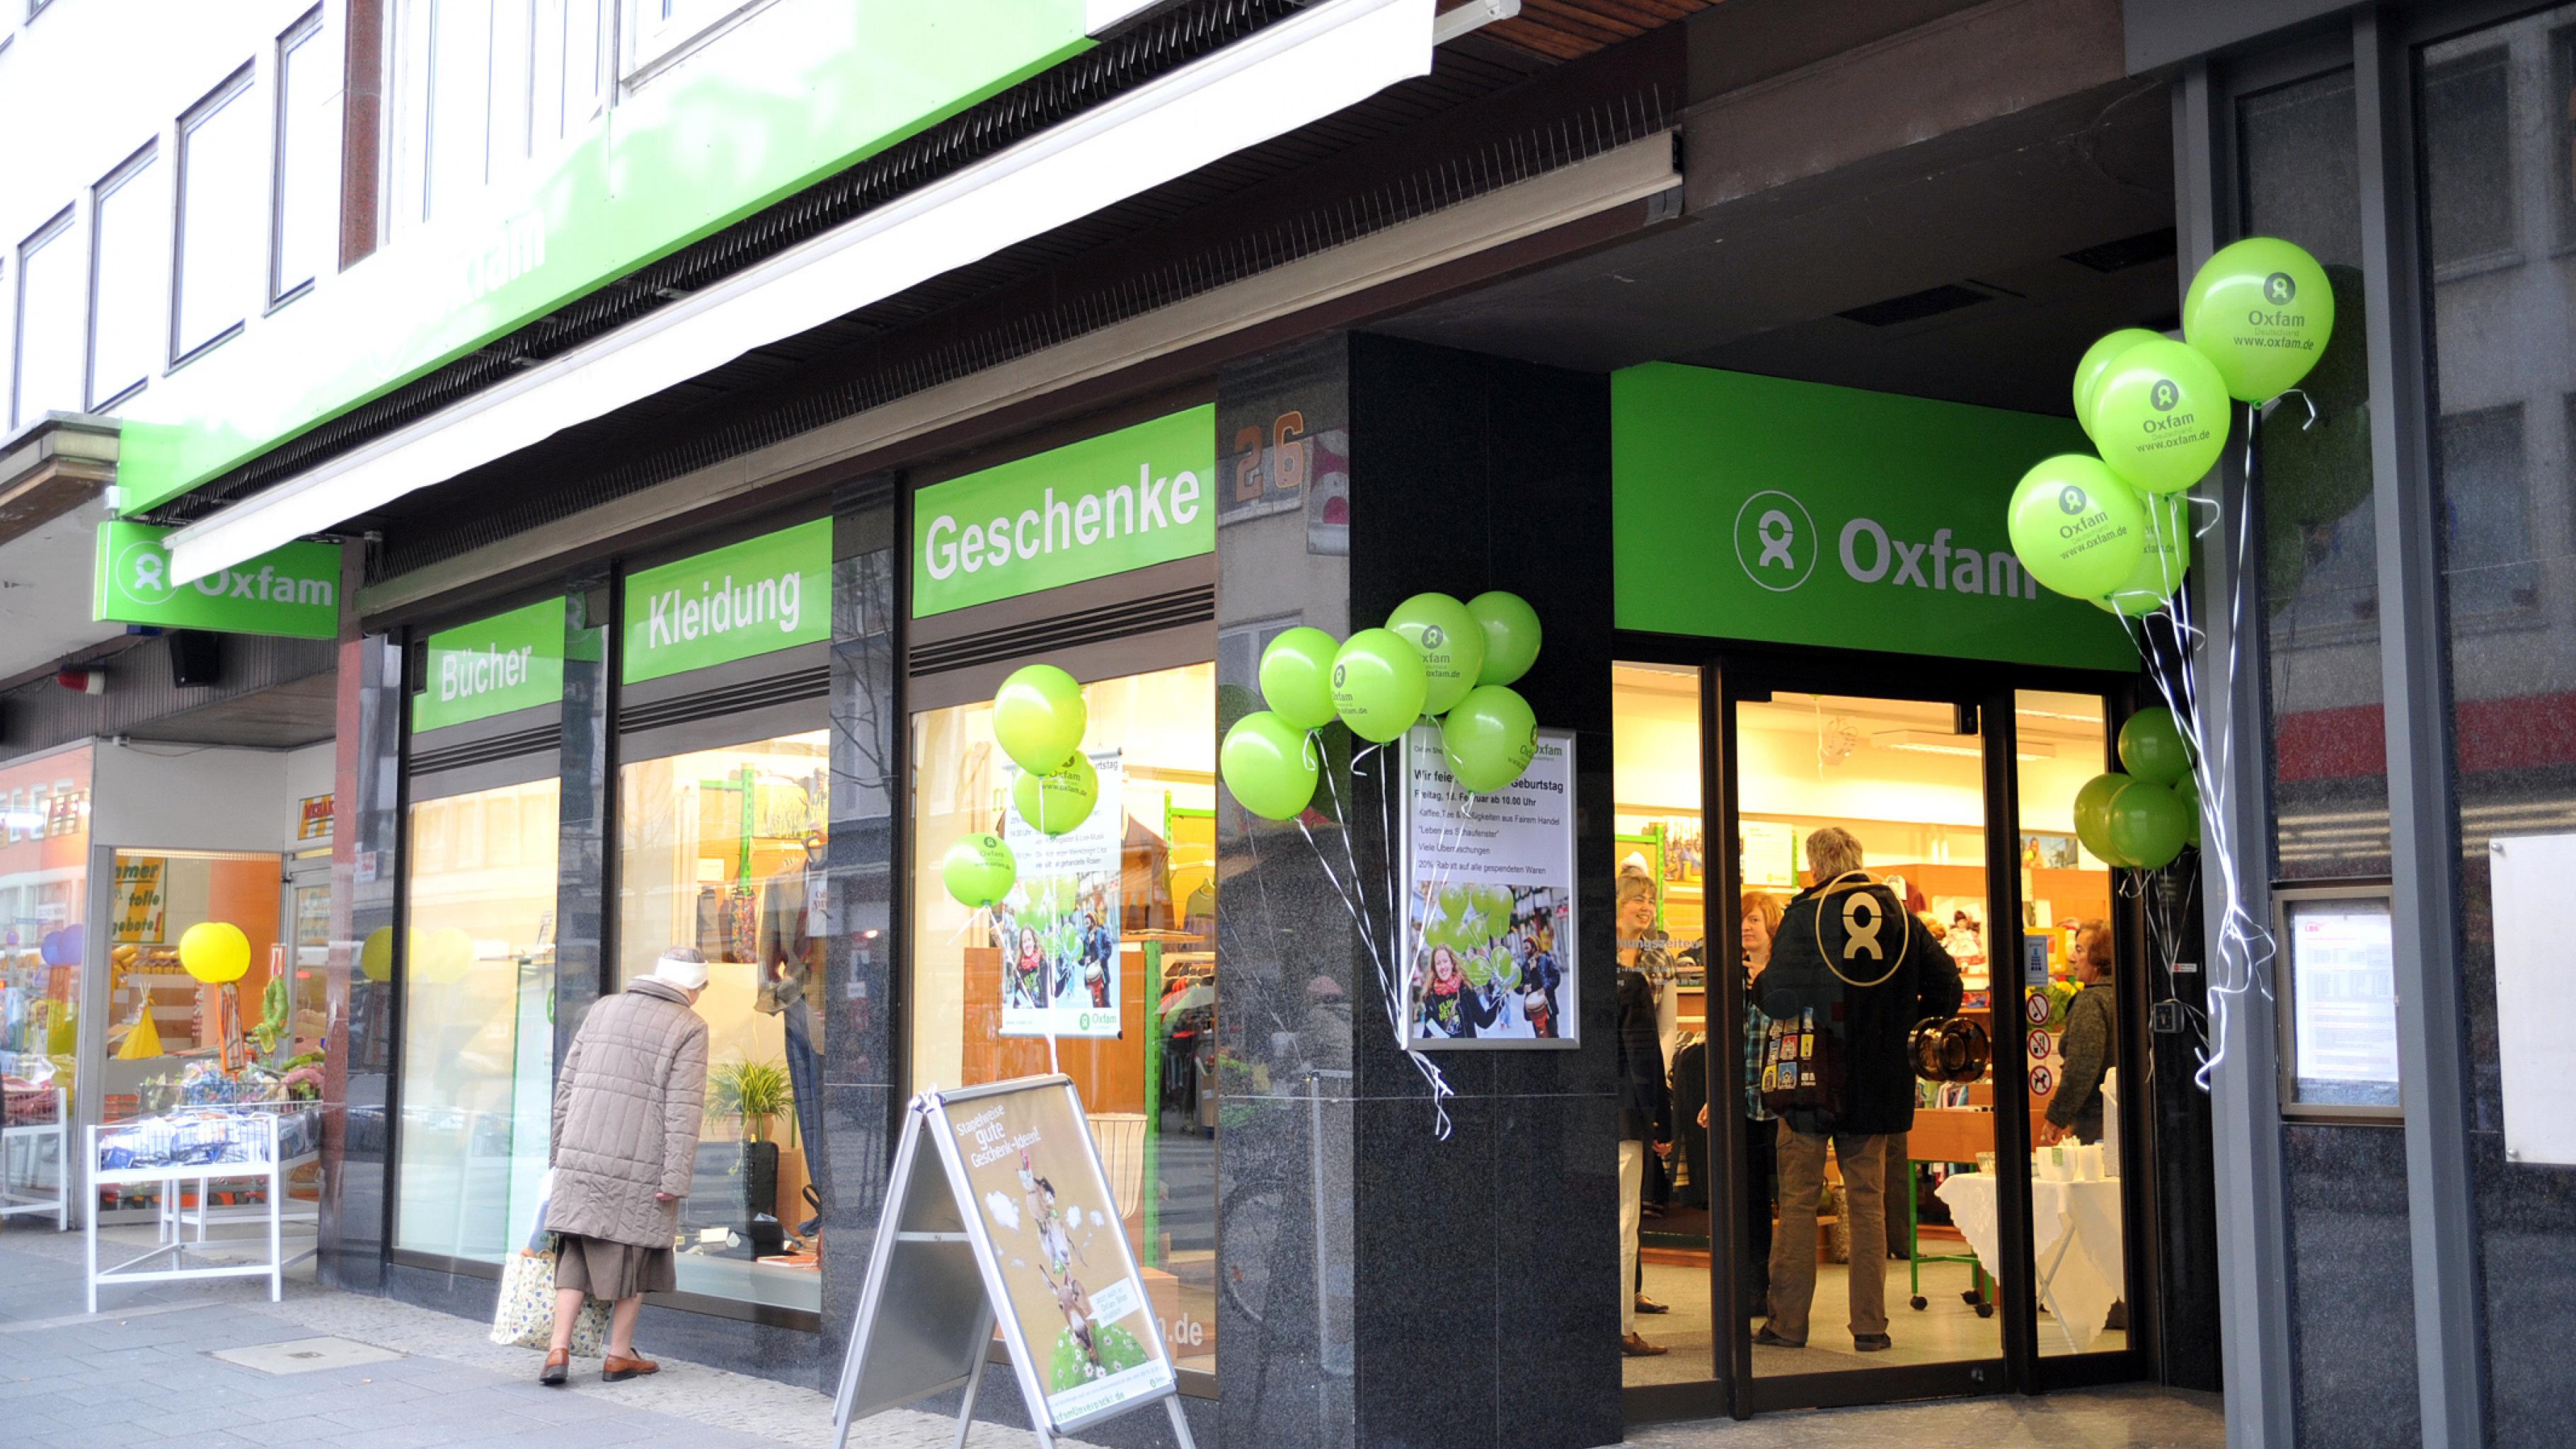 nach 16 jahren f r eine gerechte welt ohne armut oxfam shop erstrahlt in neuem glanz. Black Bedroom Furniture Sets. Home Design Ideas